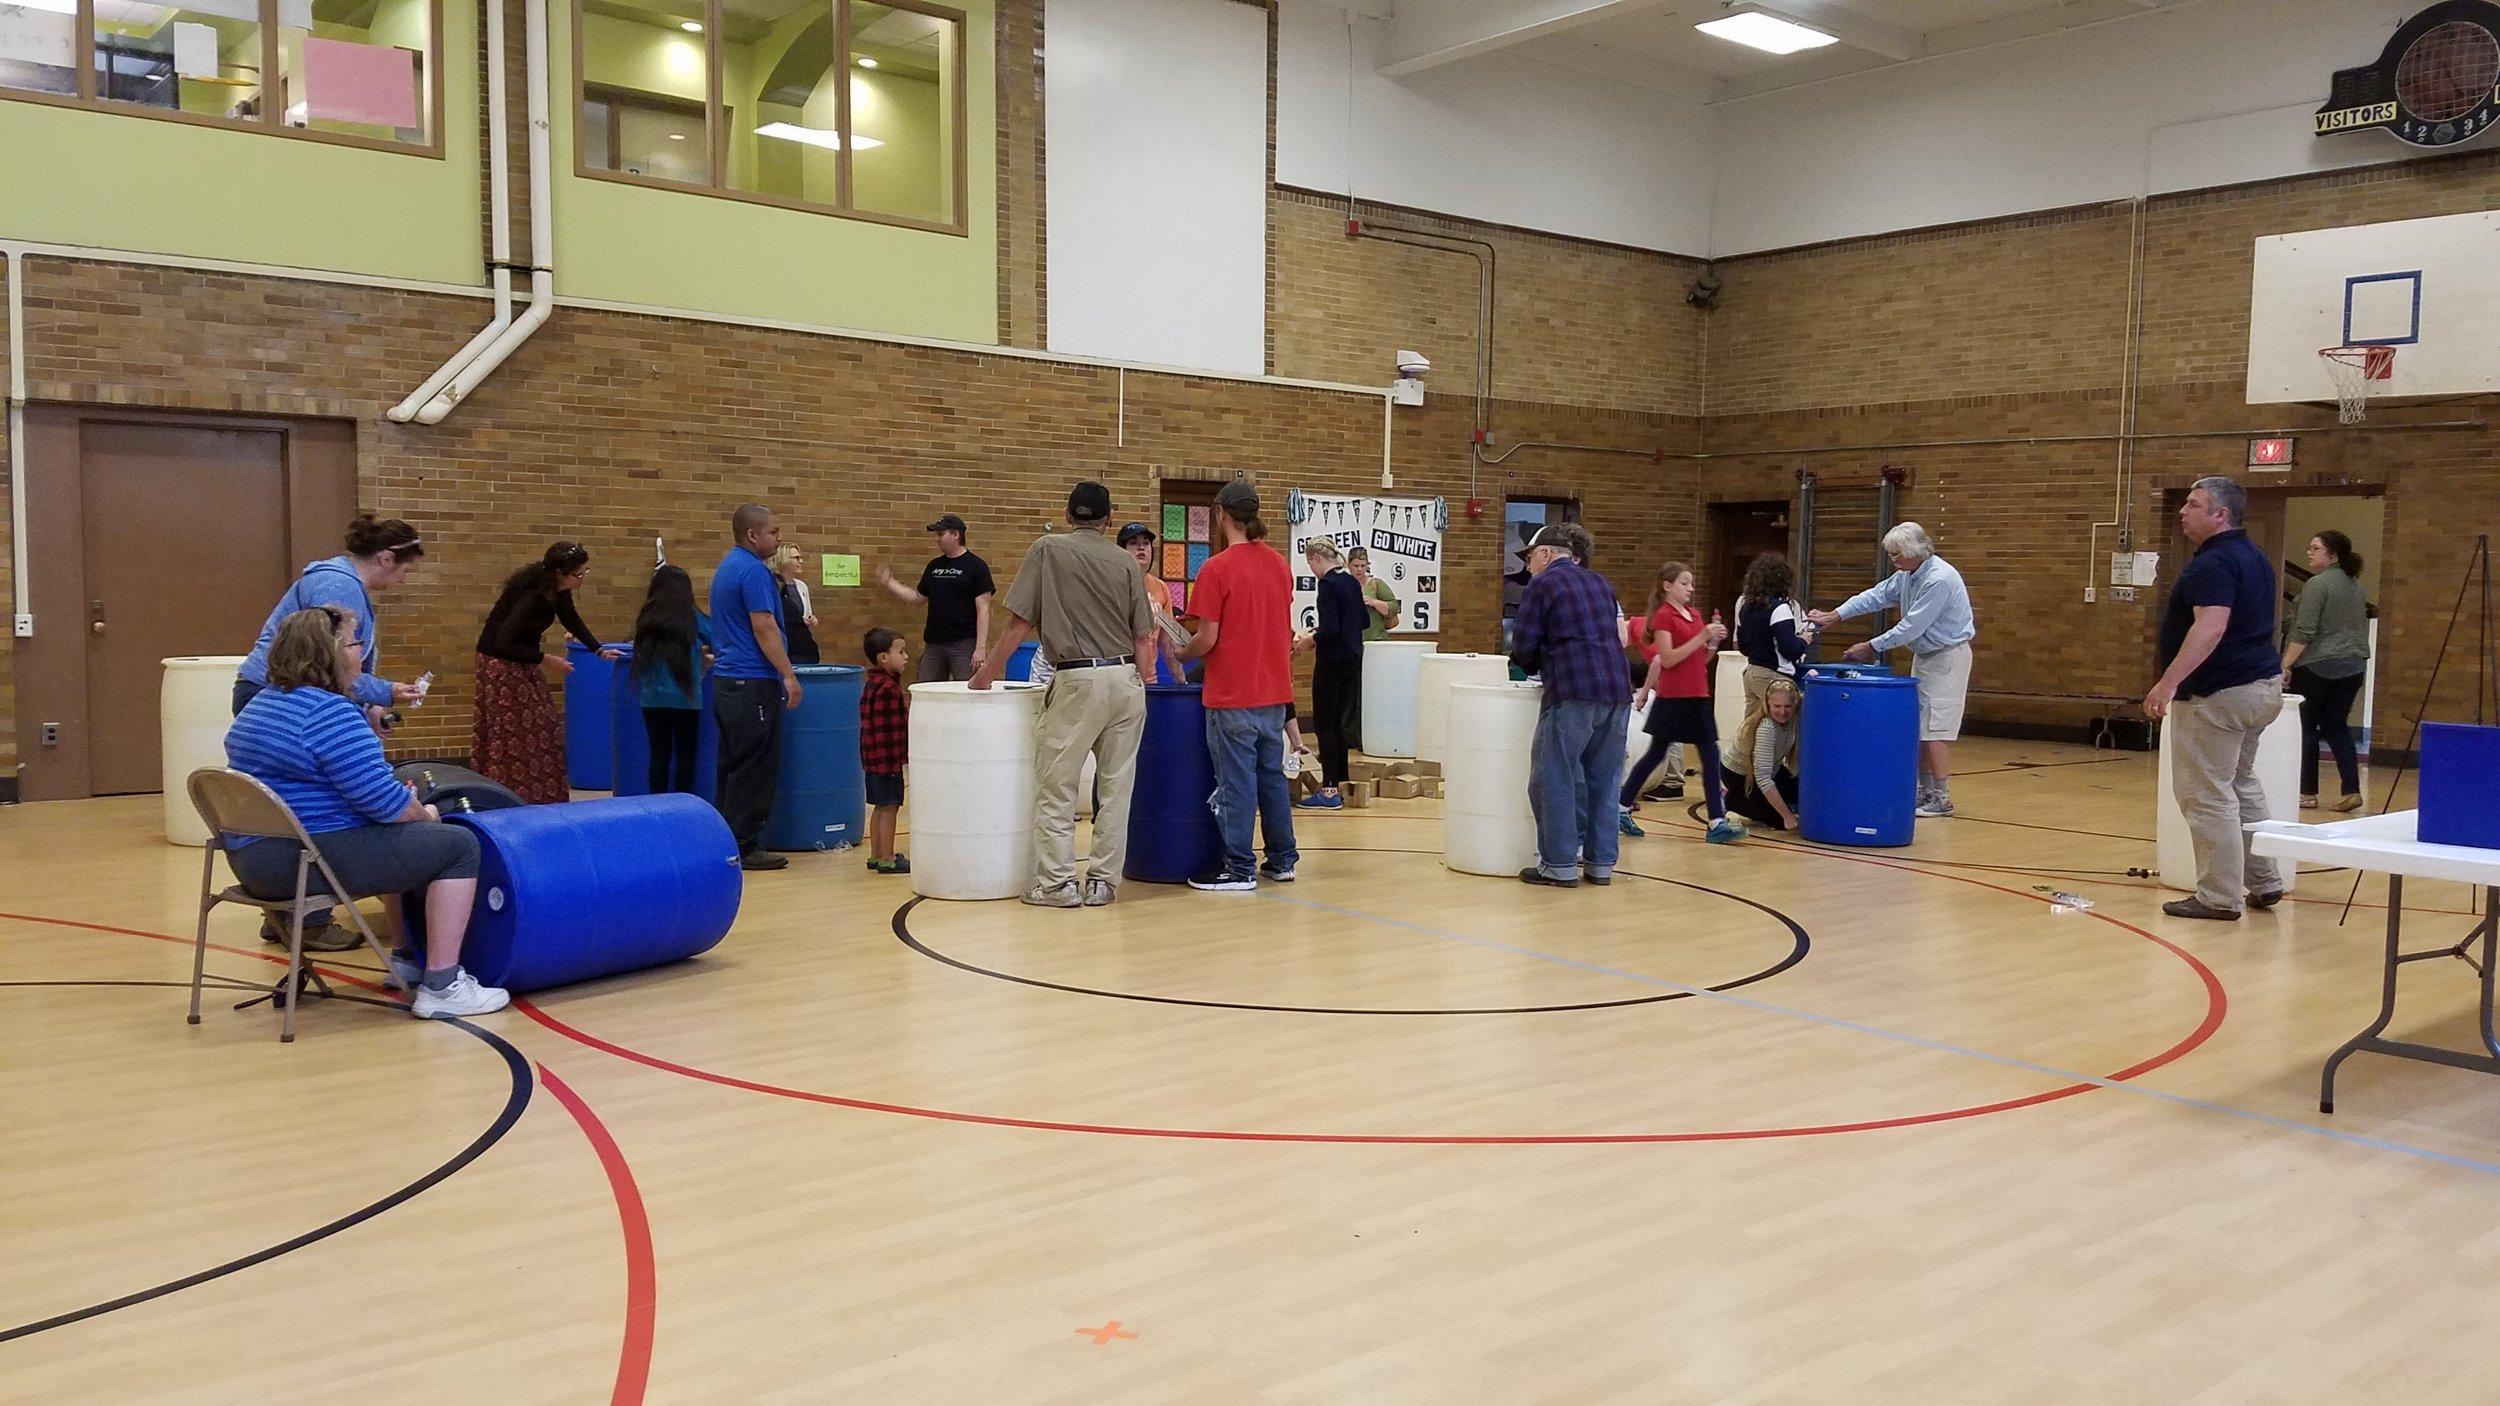 Rain Barrel Workshop at North Park Montessori